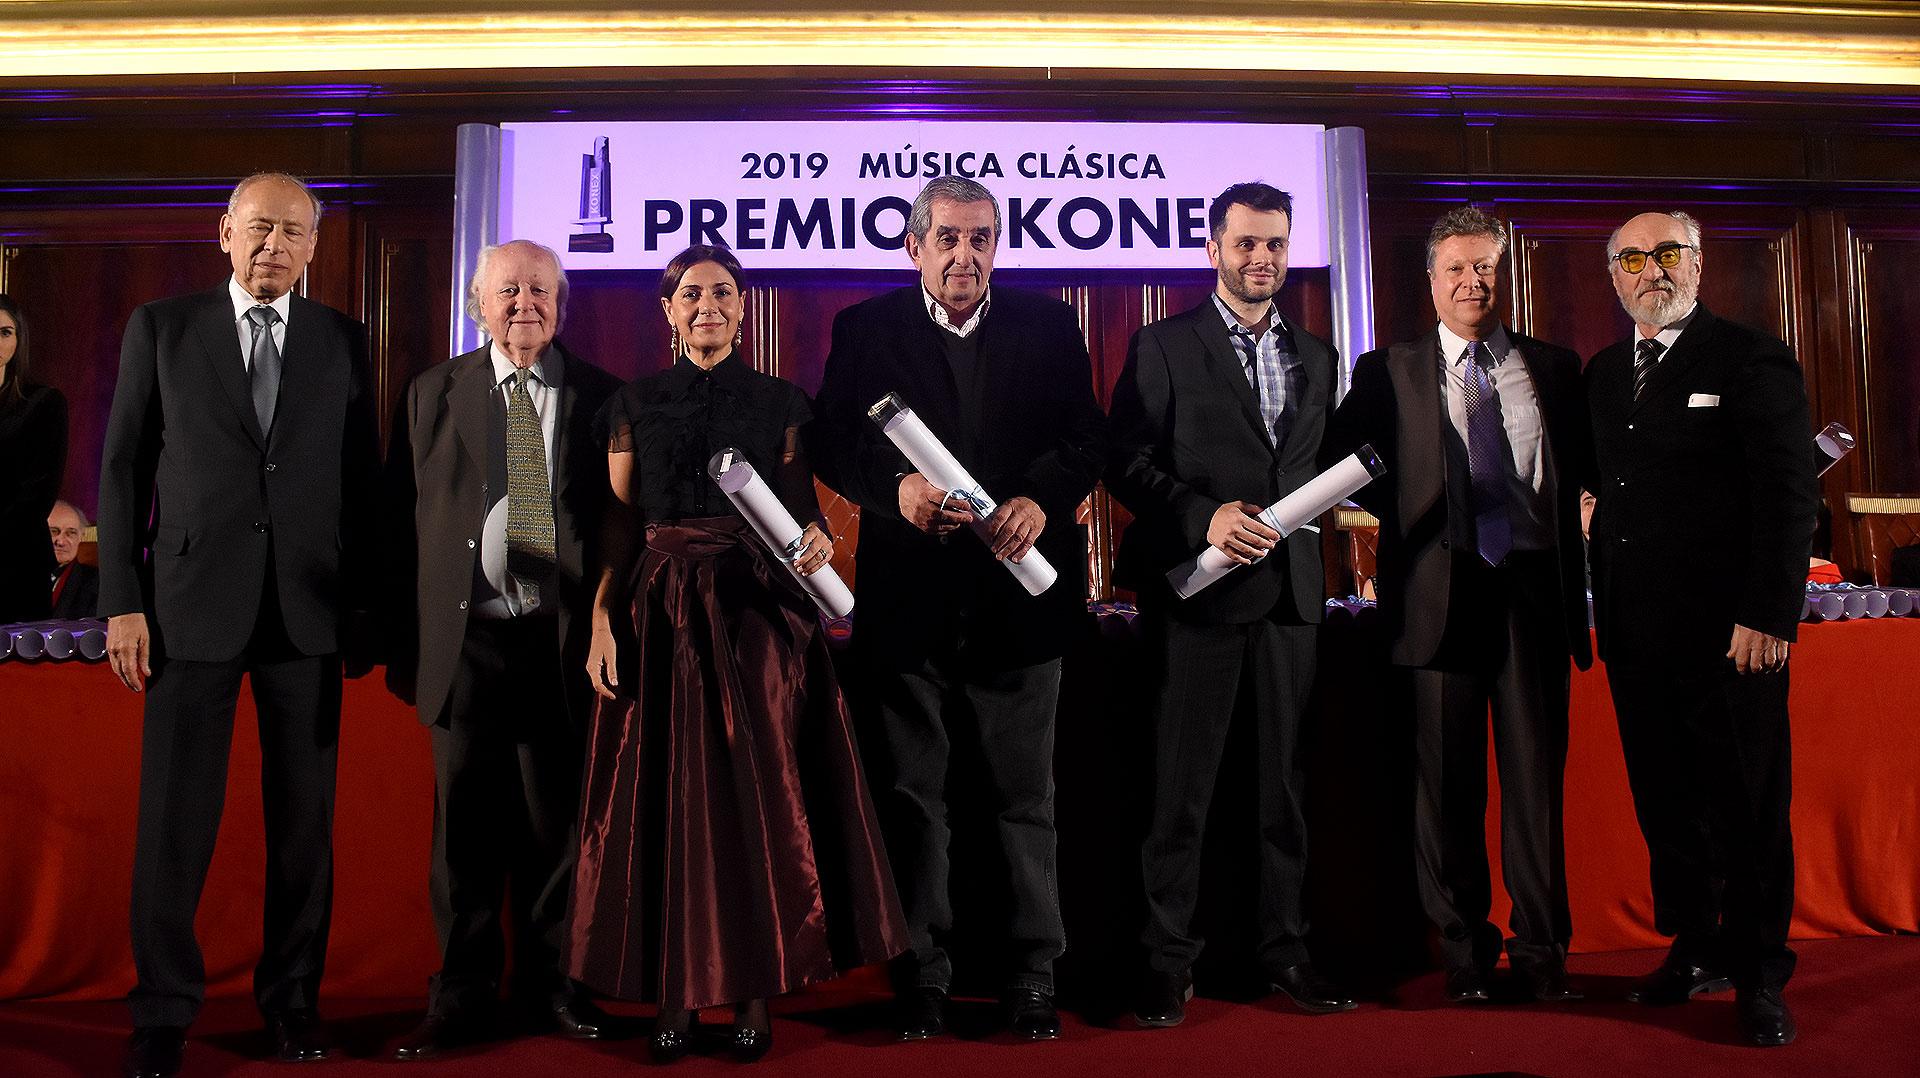 Los ganadores de la terna Cantante masculino, Carlos Alberto Álvarez representó a su sobrino Marcelo Álvarez, Verónica Cangemi representó a Franco Fagioli, Guillermo Haraguete representó a Marcelo Puente y por Fabián Veloz subió al escenario Carlos Vieu